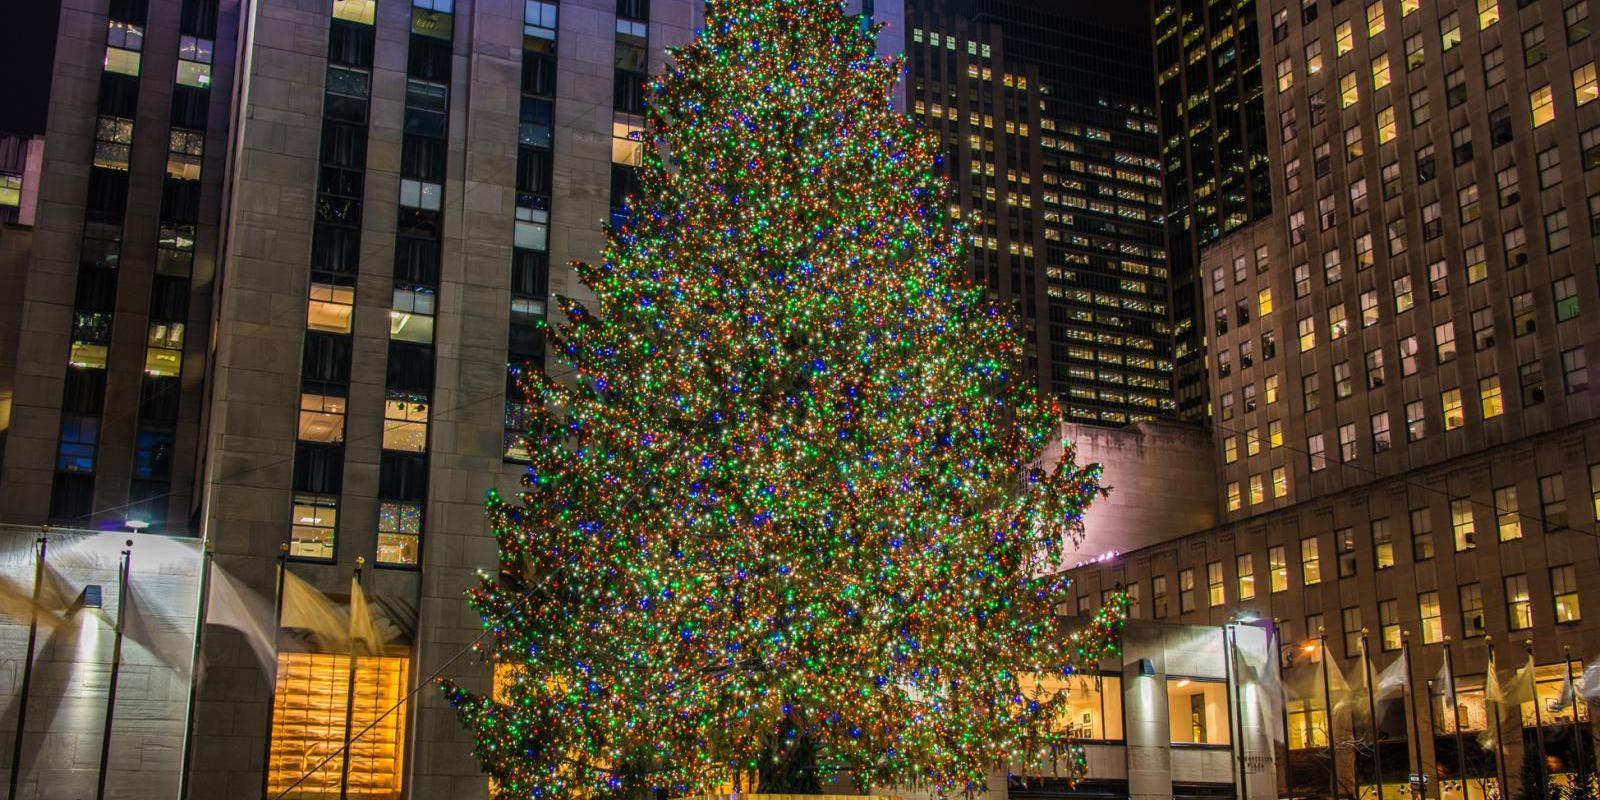 Lighting Of Rockefeller Christmas Tree.The Christmas Tree At Rockefeller Center 2019 A New